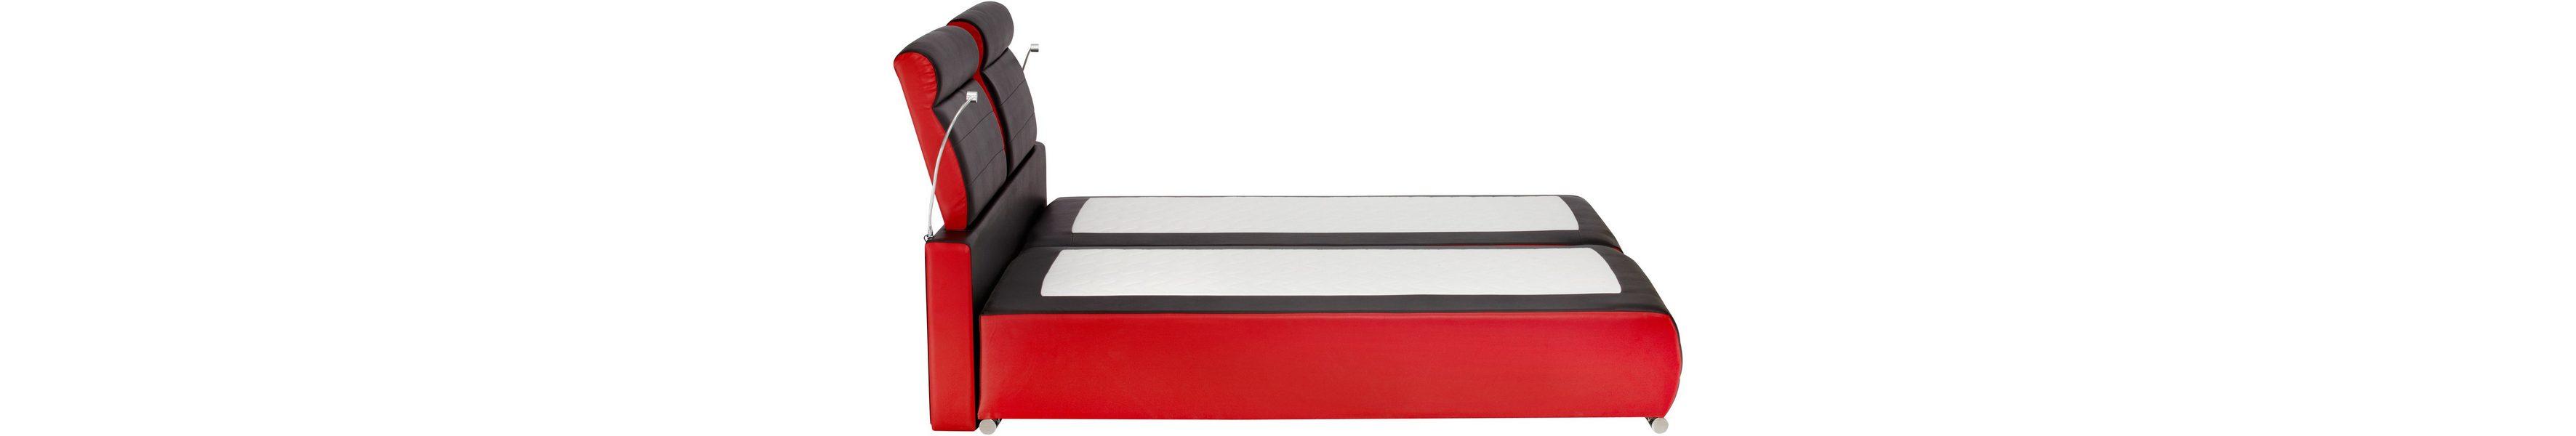 Collection AB Boxspringbett rot schwarz Seitenansicht